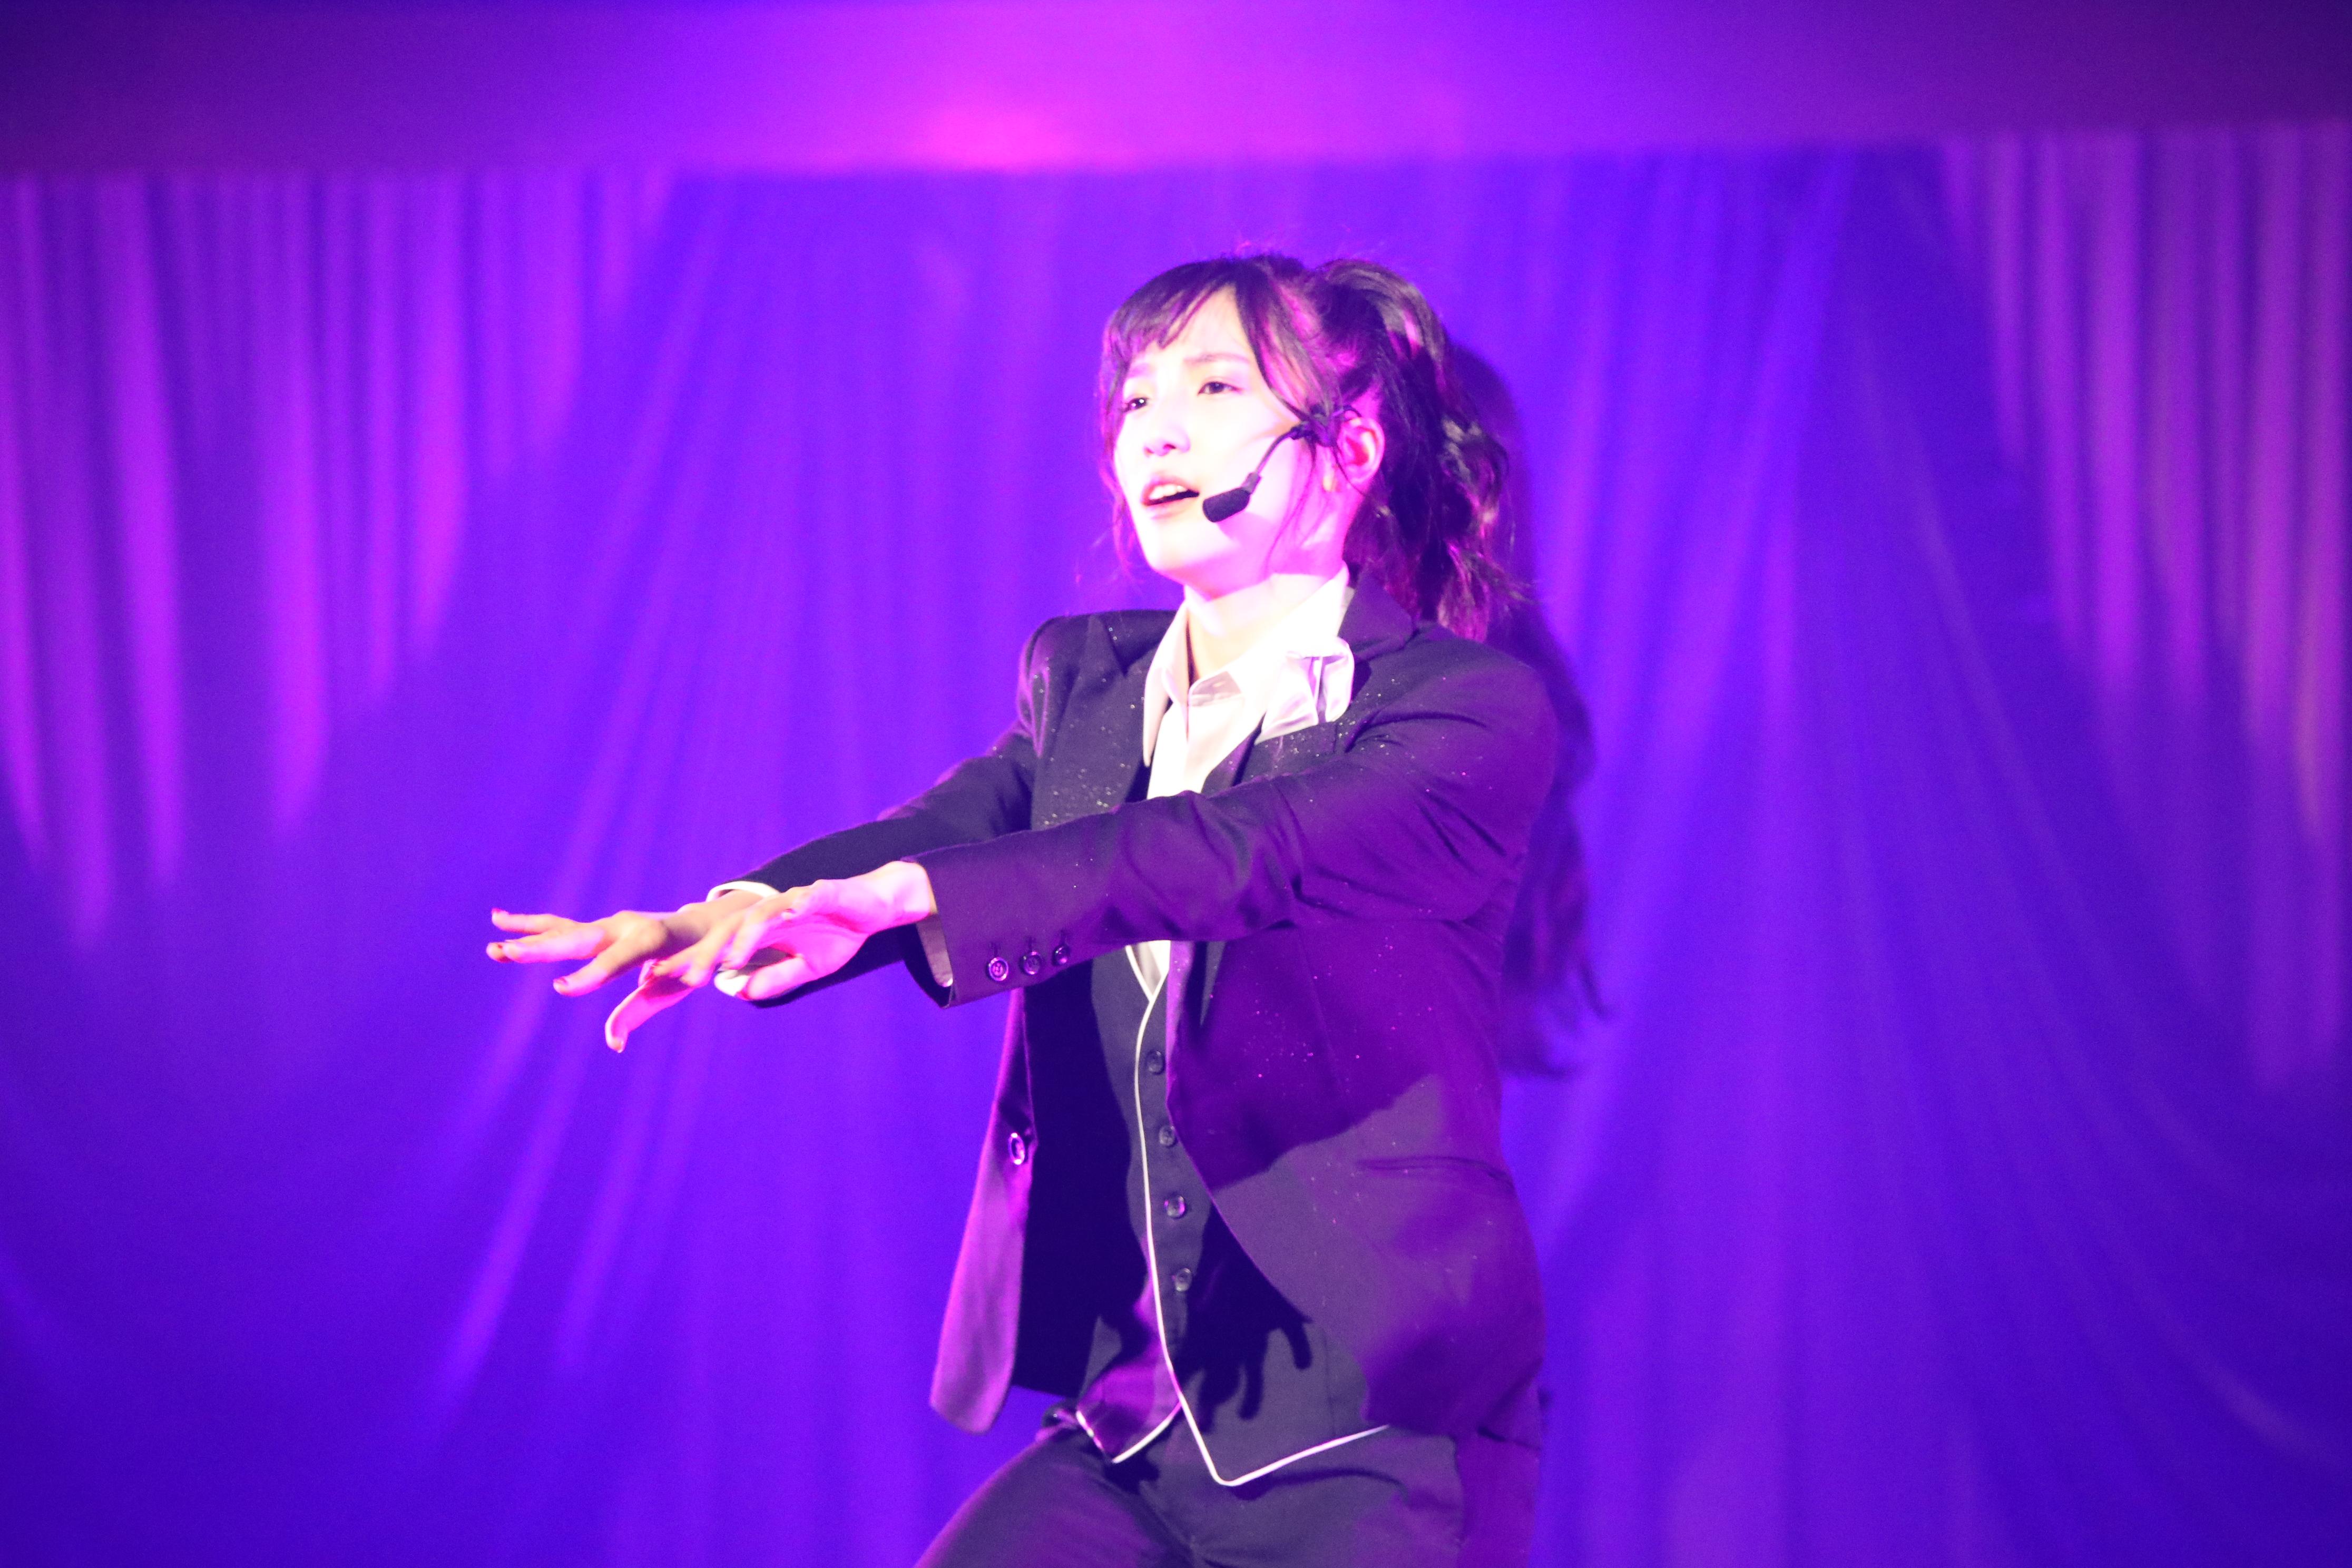 キレッキレのダンスを披露するAKB48チーム8下尾みう